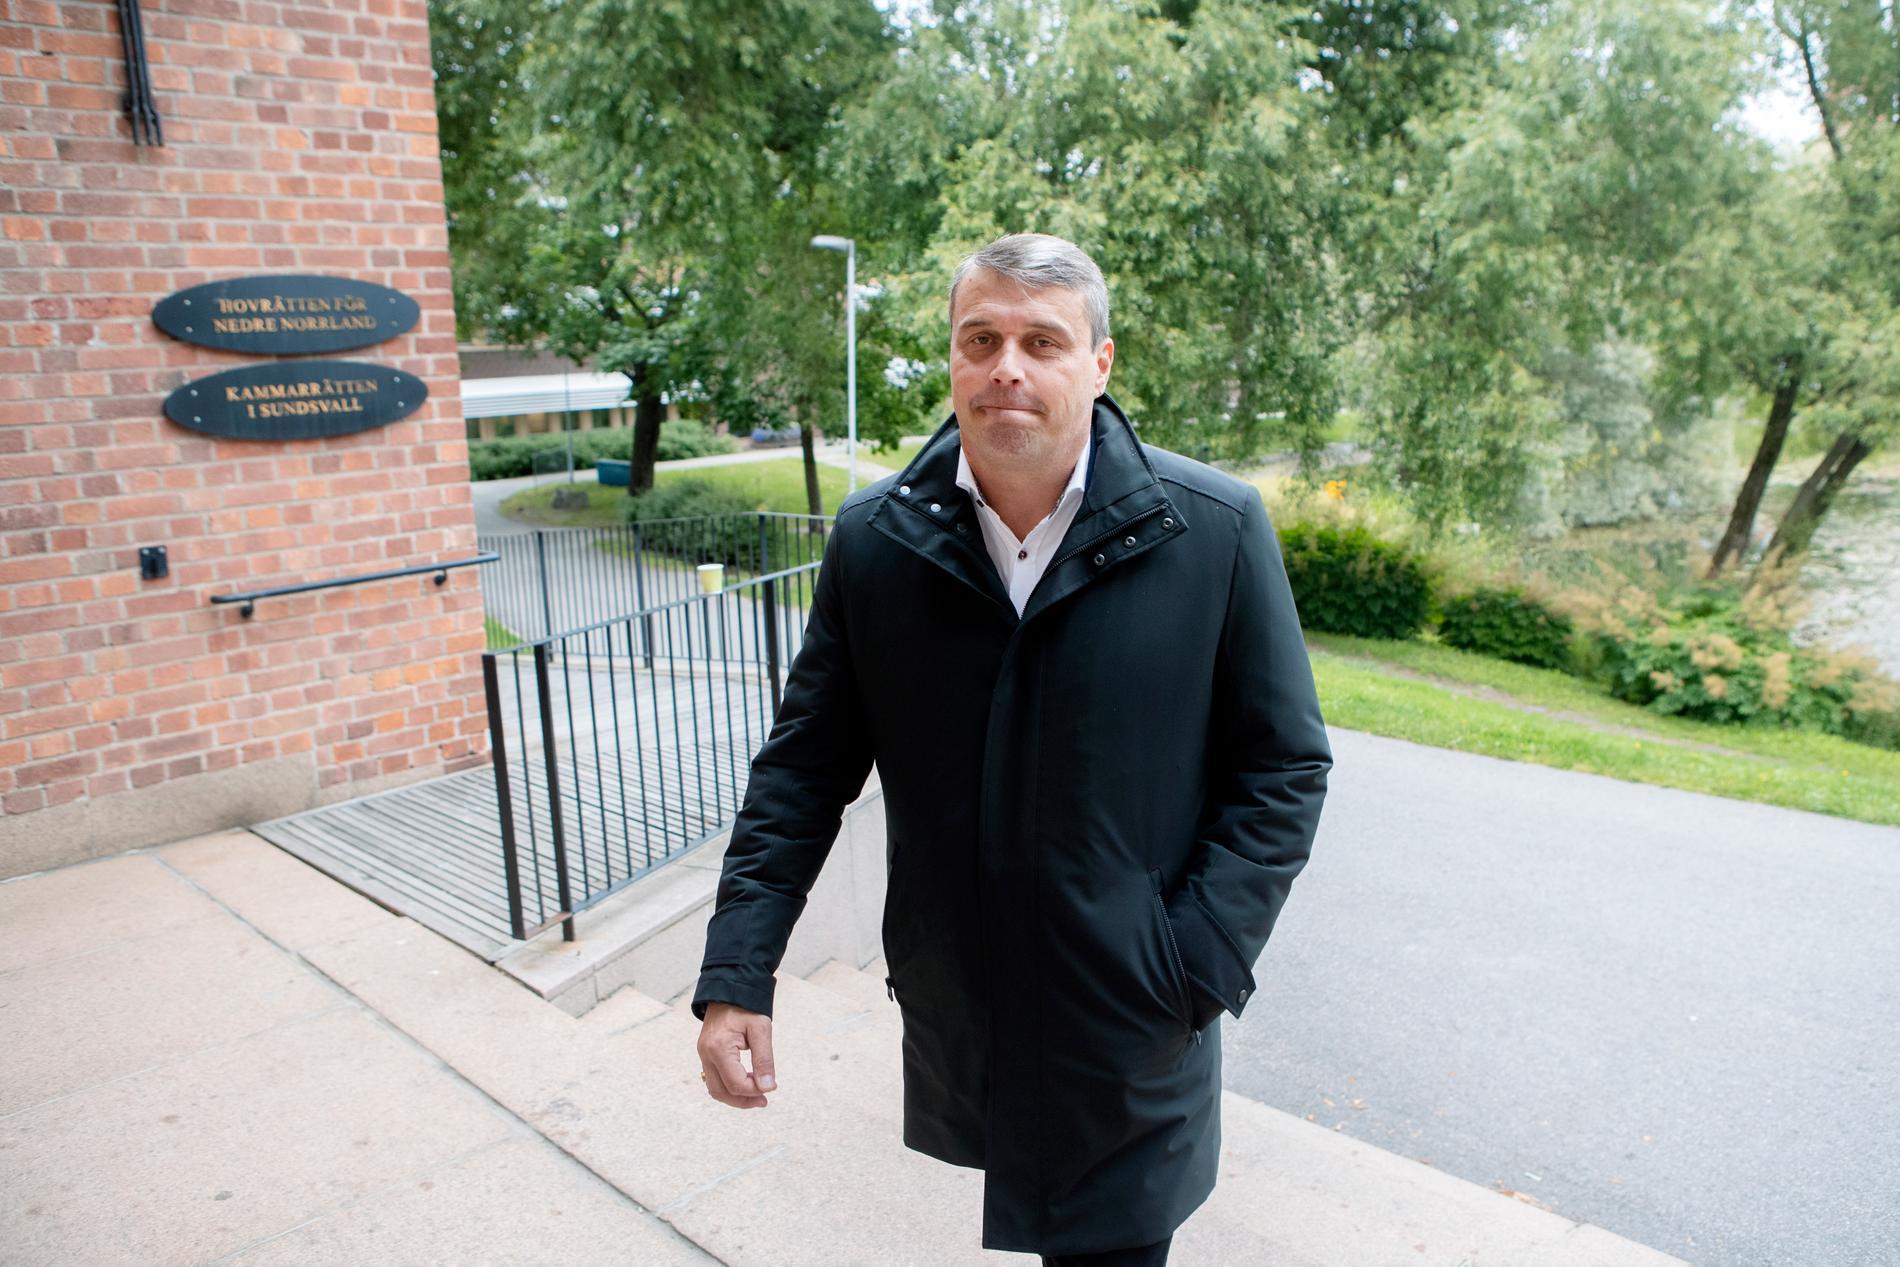 Daniel Kindberg, tidigare ordförande för Östersund, på väg till förhandlingar i hovrätten i Sundsvall. Arkivbild.